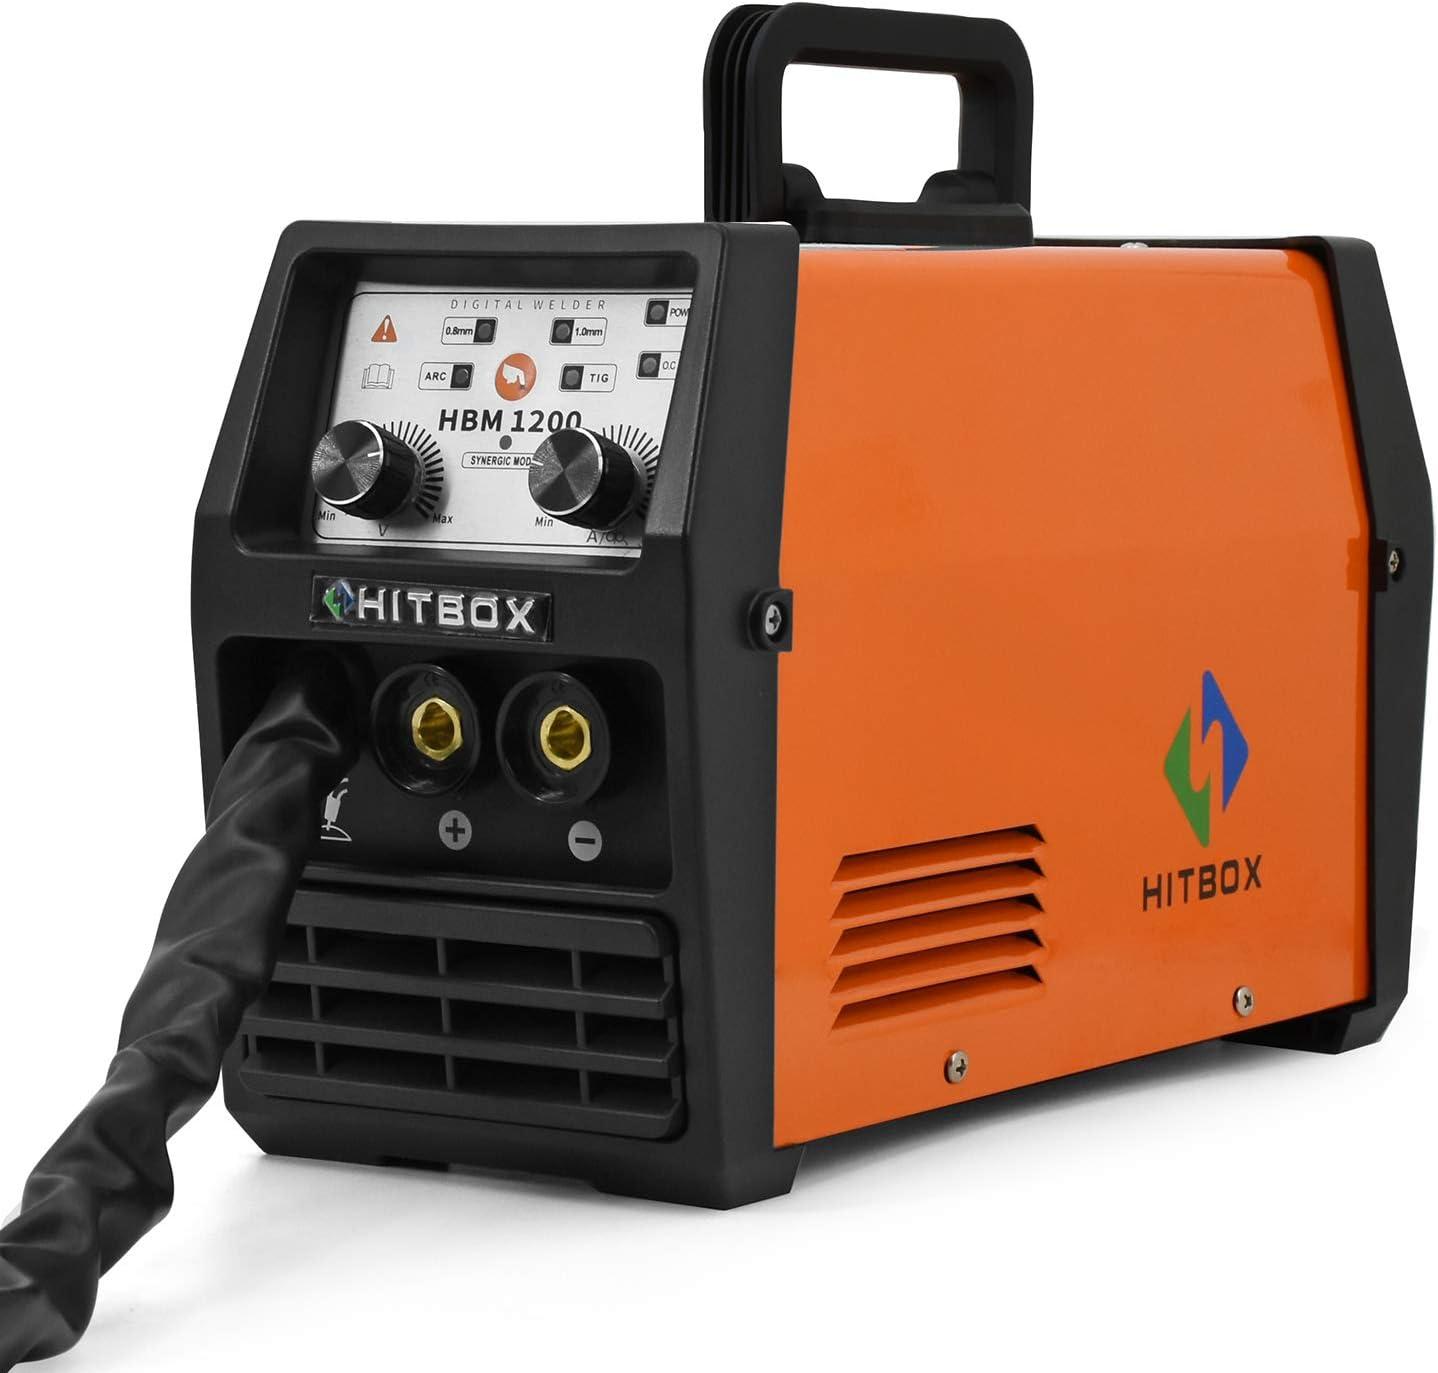 HITBOX Soldador MIG 120A 220V DC Mini inversor 40% Ciclo de trabajo Soldadura sin gas Máquina de soldadura con antorcha Mig Conexión a tierra 0.8mm Núcleo de flujo